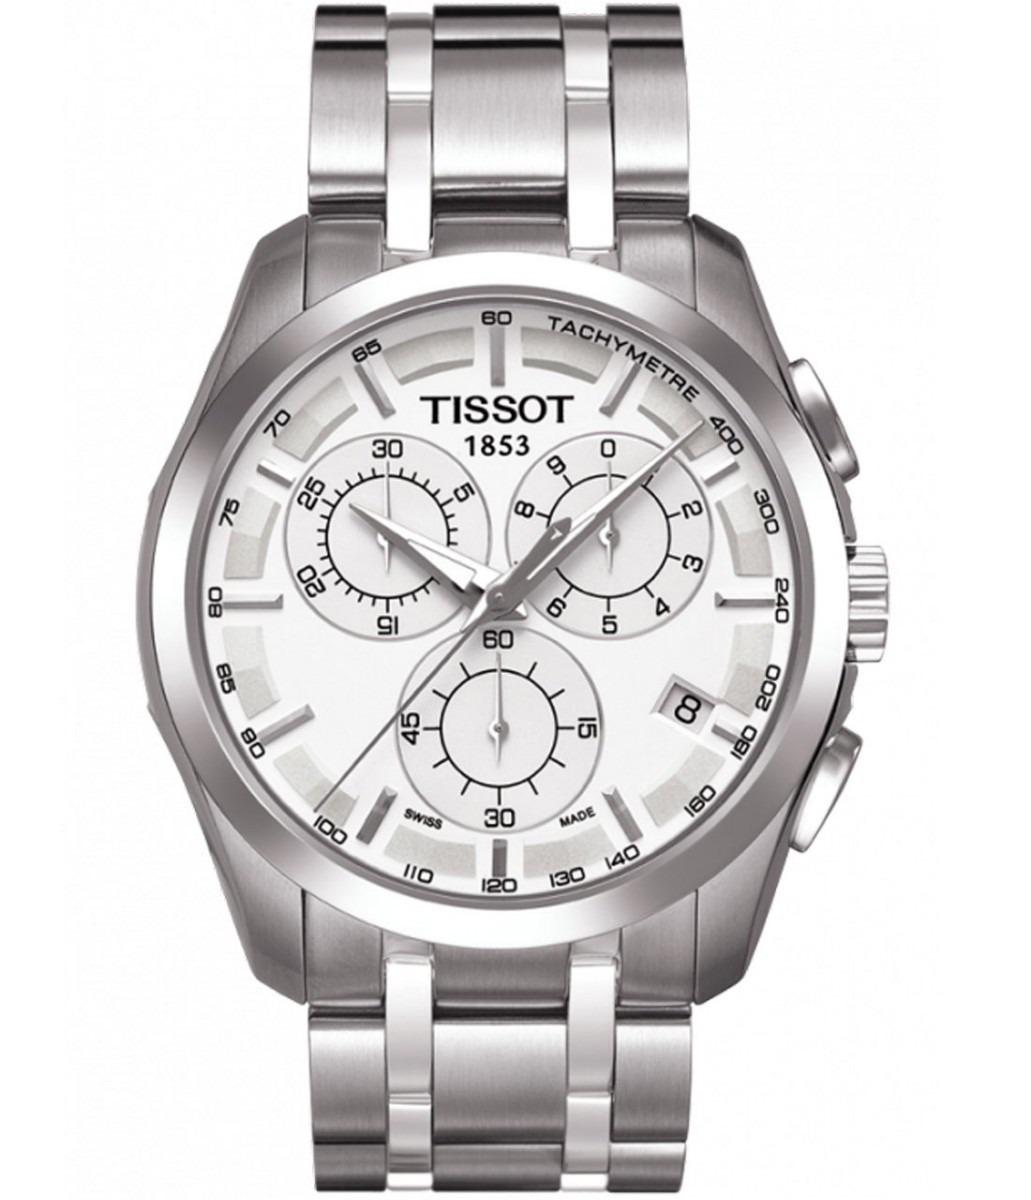 af739cc3e11 relógio tissot couturier t035.617.11.031.00 branco original. Carregando  zoom.